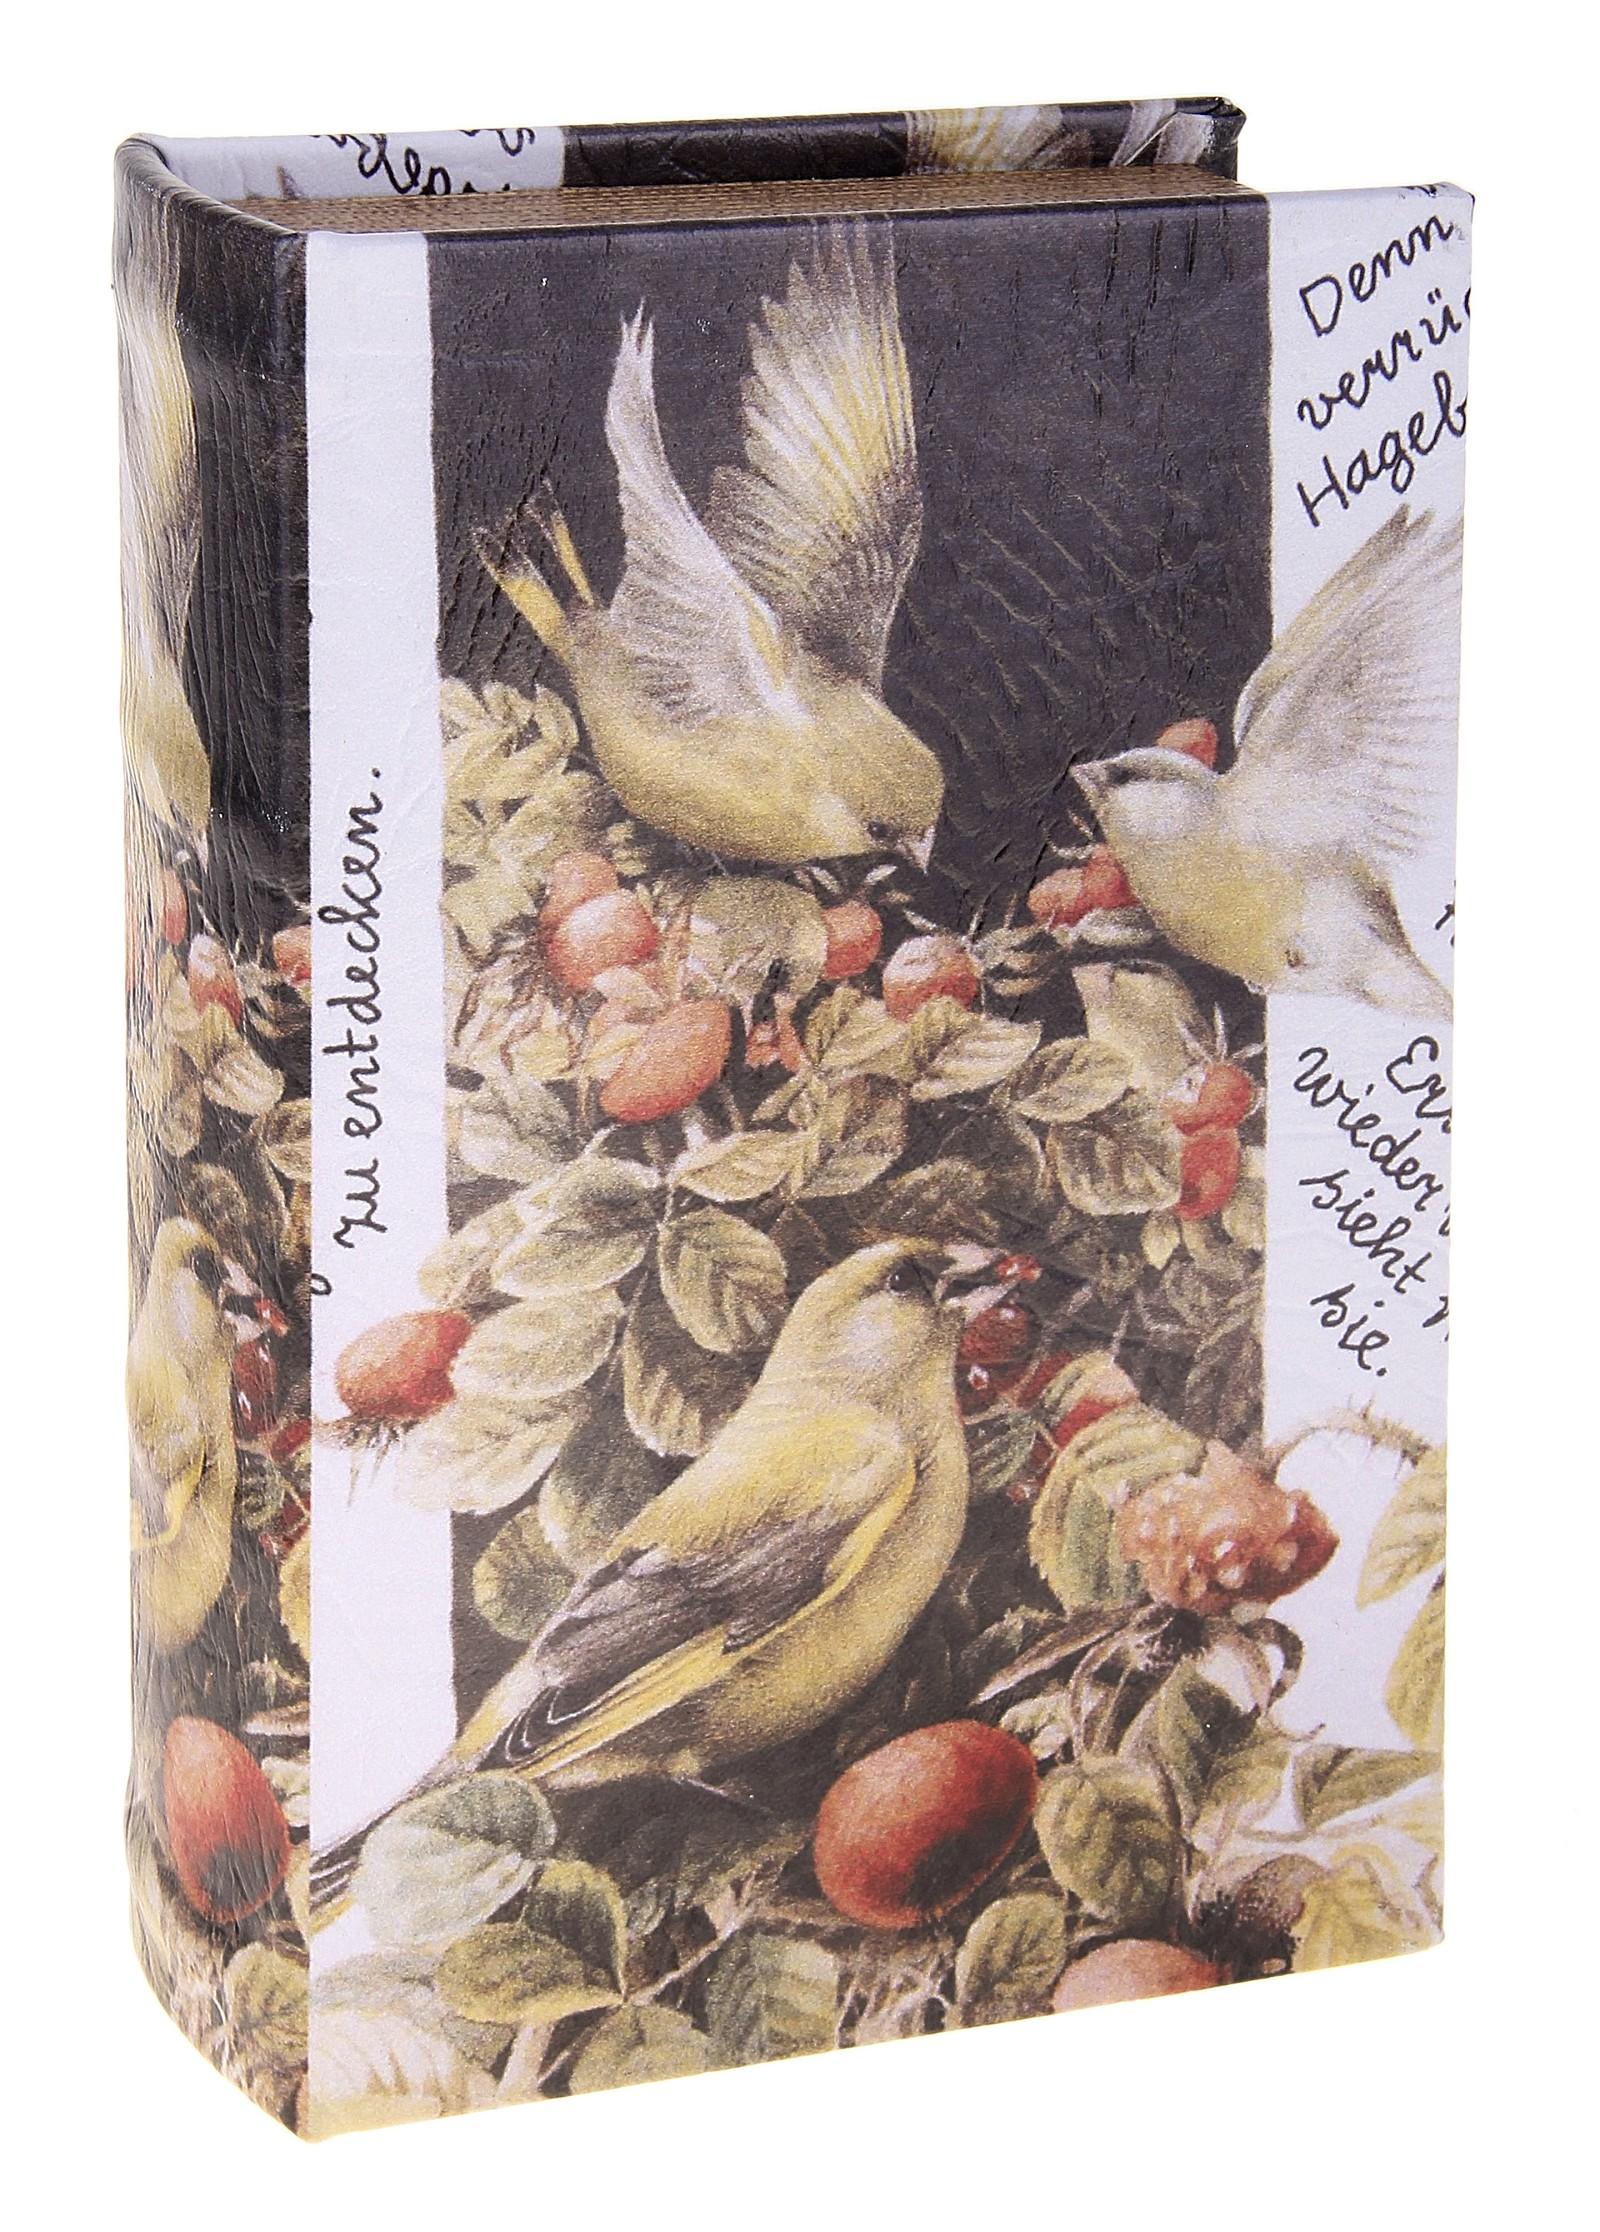 Шкатулка Иволга. 680689RG-D31SШкатулка Иволга, выполненная в виде книги, не оставит равнодушной ни одну любительницу изысканных вещей. Шкатулка изготовлена из дерева и обтянута искусственной кожей с изображением птичек. Внутренняя поверхность шкатулки отделана искусственной кожей.Сочетание оригинального дизайна и функциональности сделает такую шкатулку практичным и стильным подарком, а также предметом гордости ее обладательницы. Характеристики:Материал:дерево, кожзаменитель. Размер шкатулки:11 см х 17 см х 5 см. Внутренный размер шкатулки: 8 см х 14 см х 4 см. Размер упаковки:12 см х 18 см х 6 см. Артикул:680689.